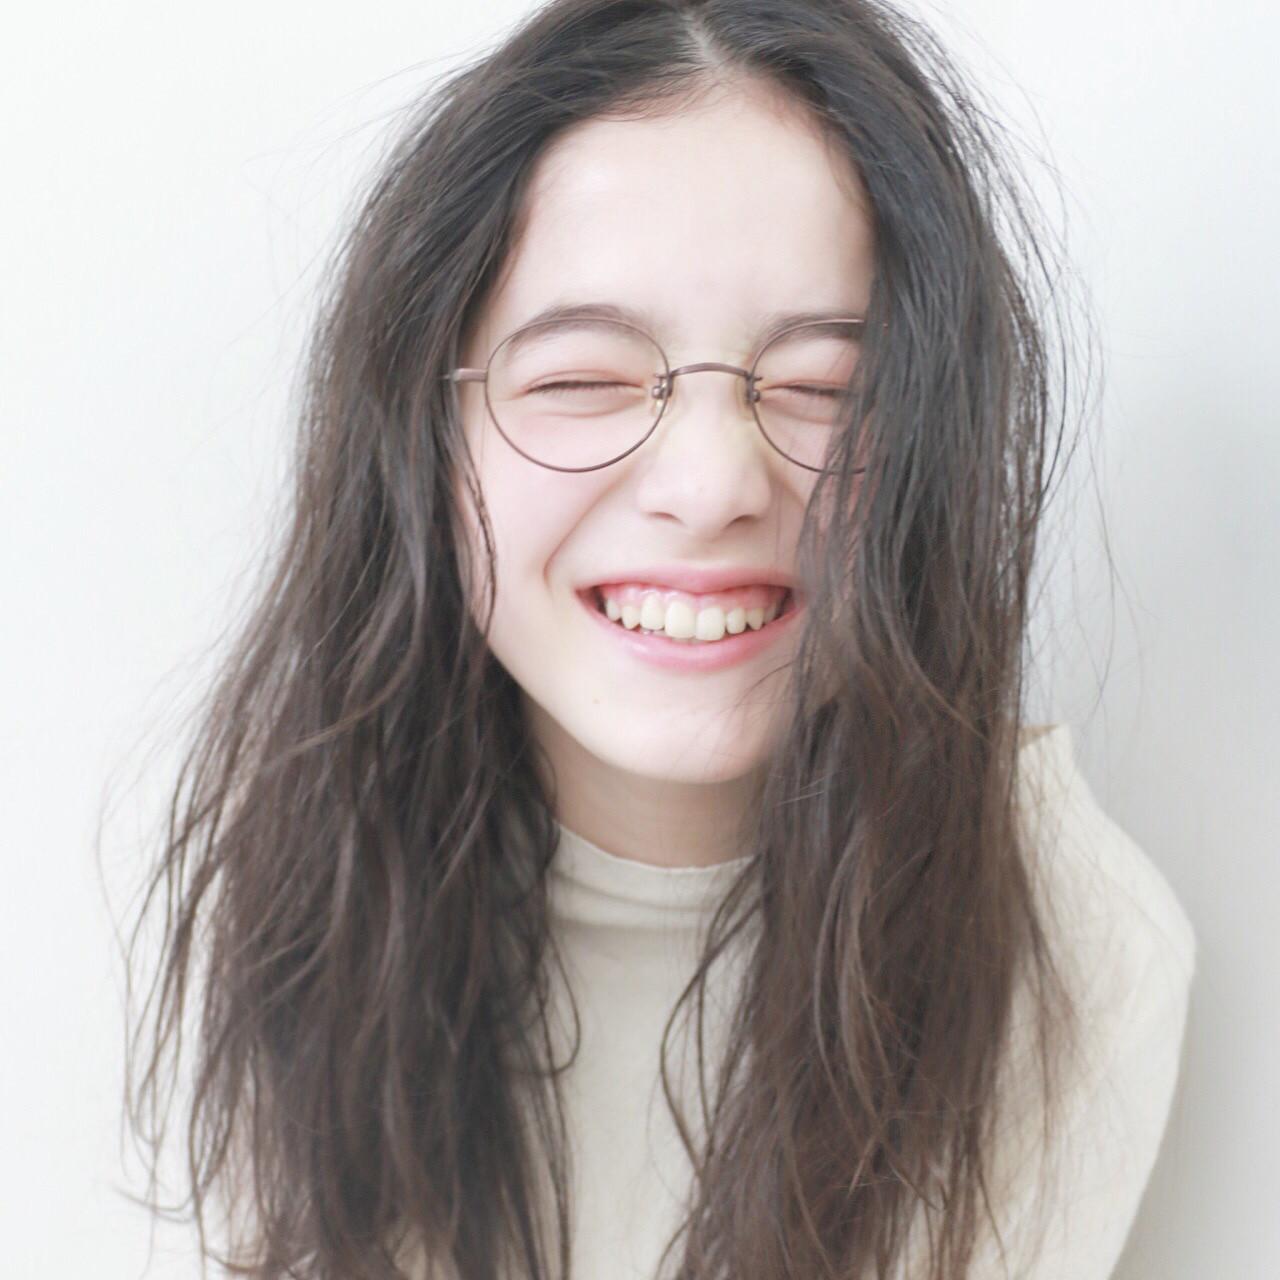 2020年人気の髪色は?おすすめヘアカラーでトレンドガールに♡の13枚目の画像